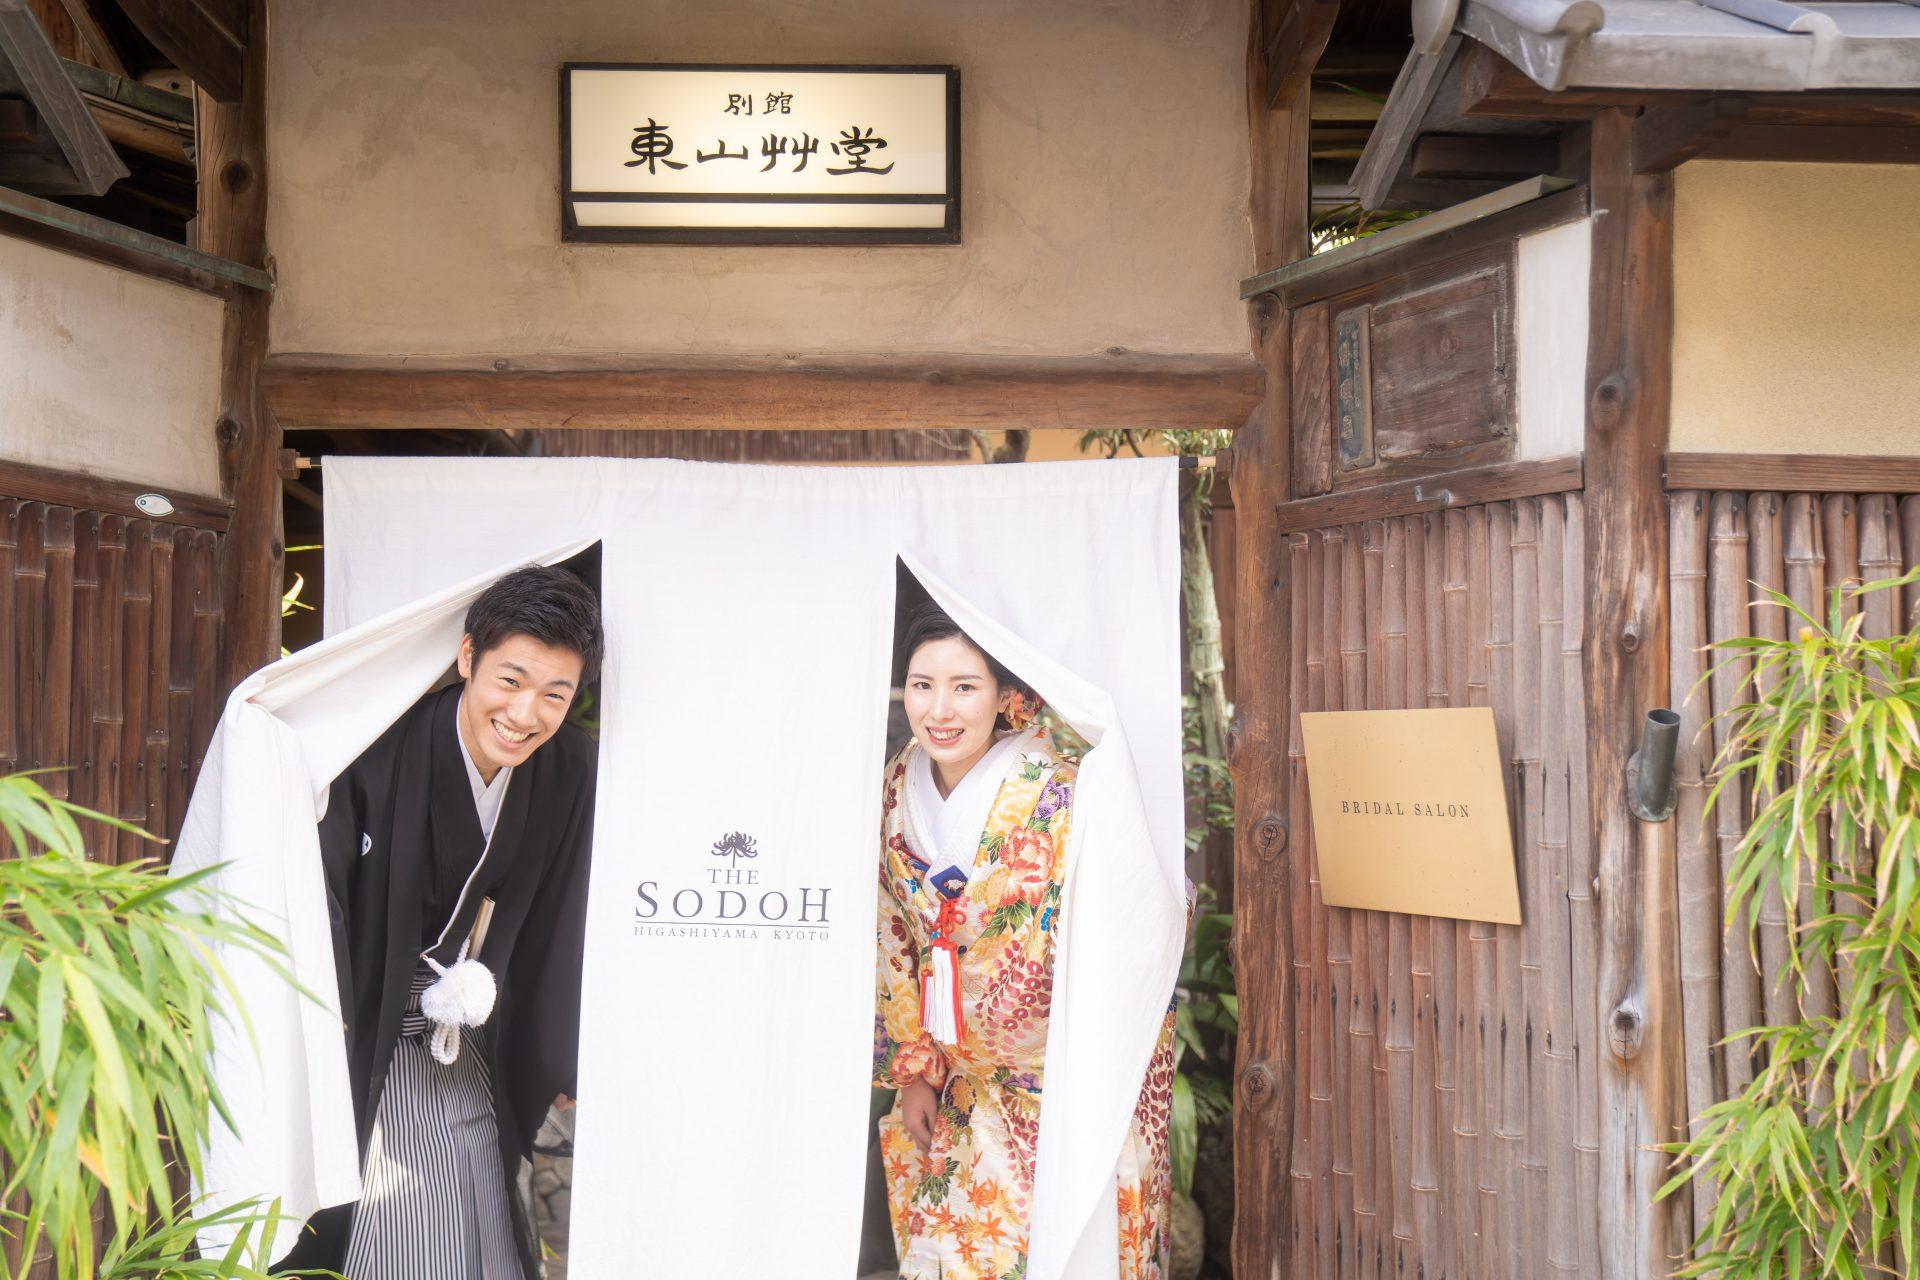 ザソウドウ東山京都でザトリートドレッシング京都店の白地の色打掛と黒羽二重の紋付袴を着た前撮りのご紹介